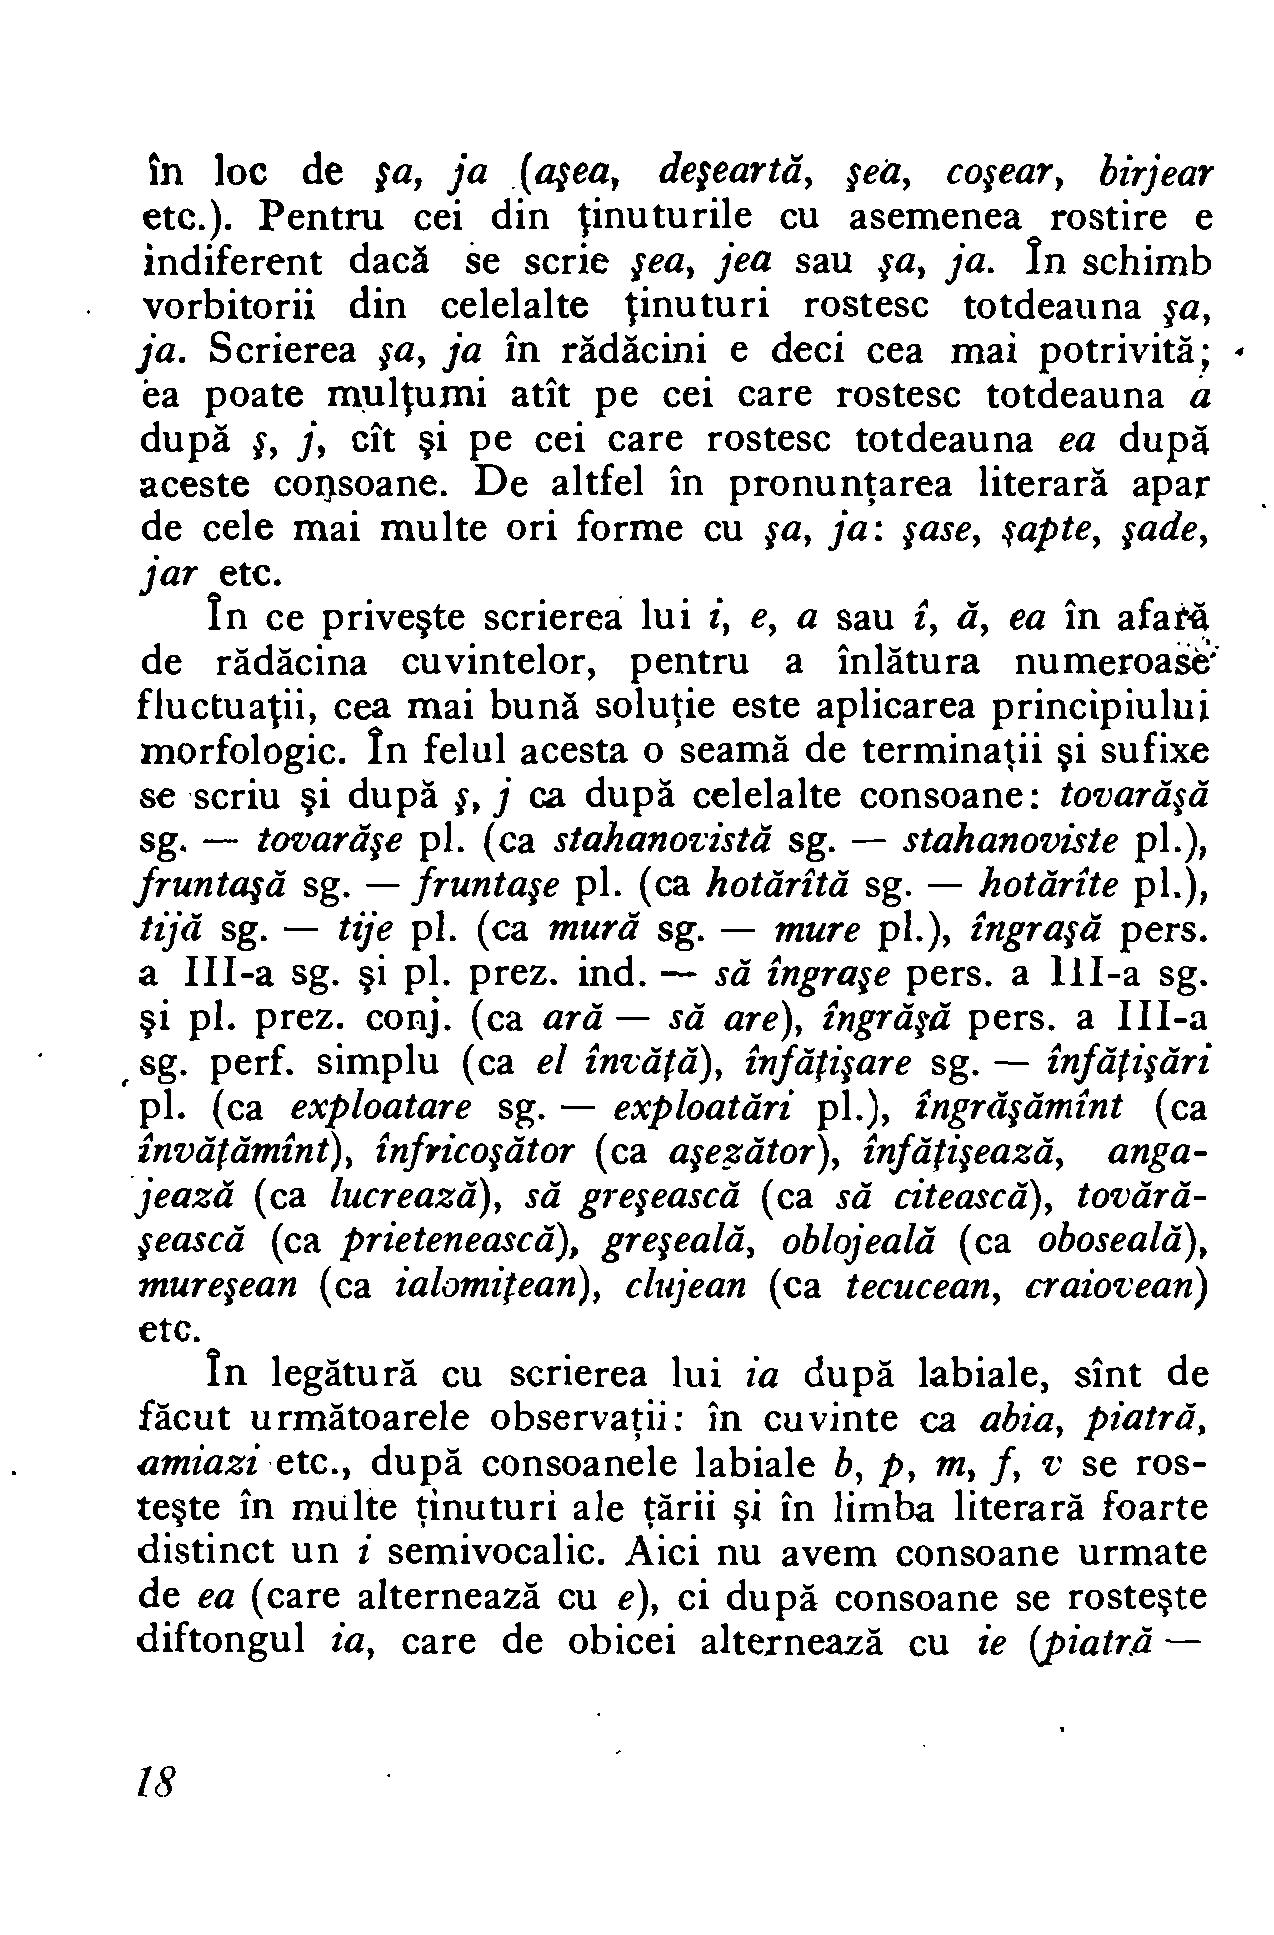 1954 - Mic dicționar ortografic (16).png